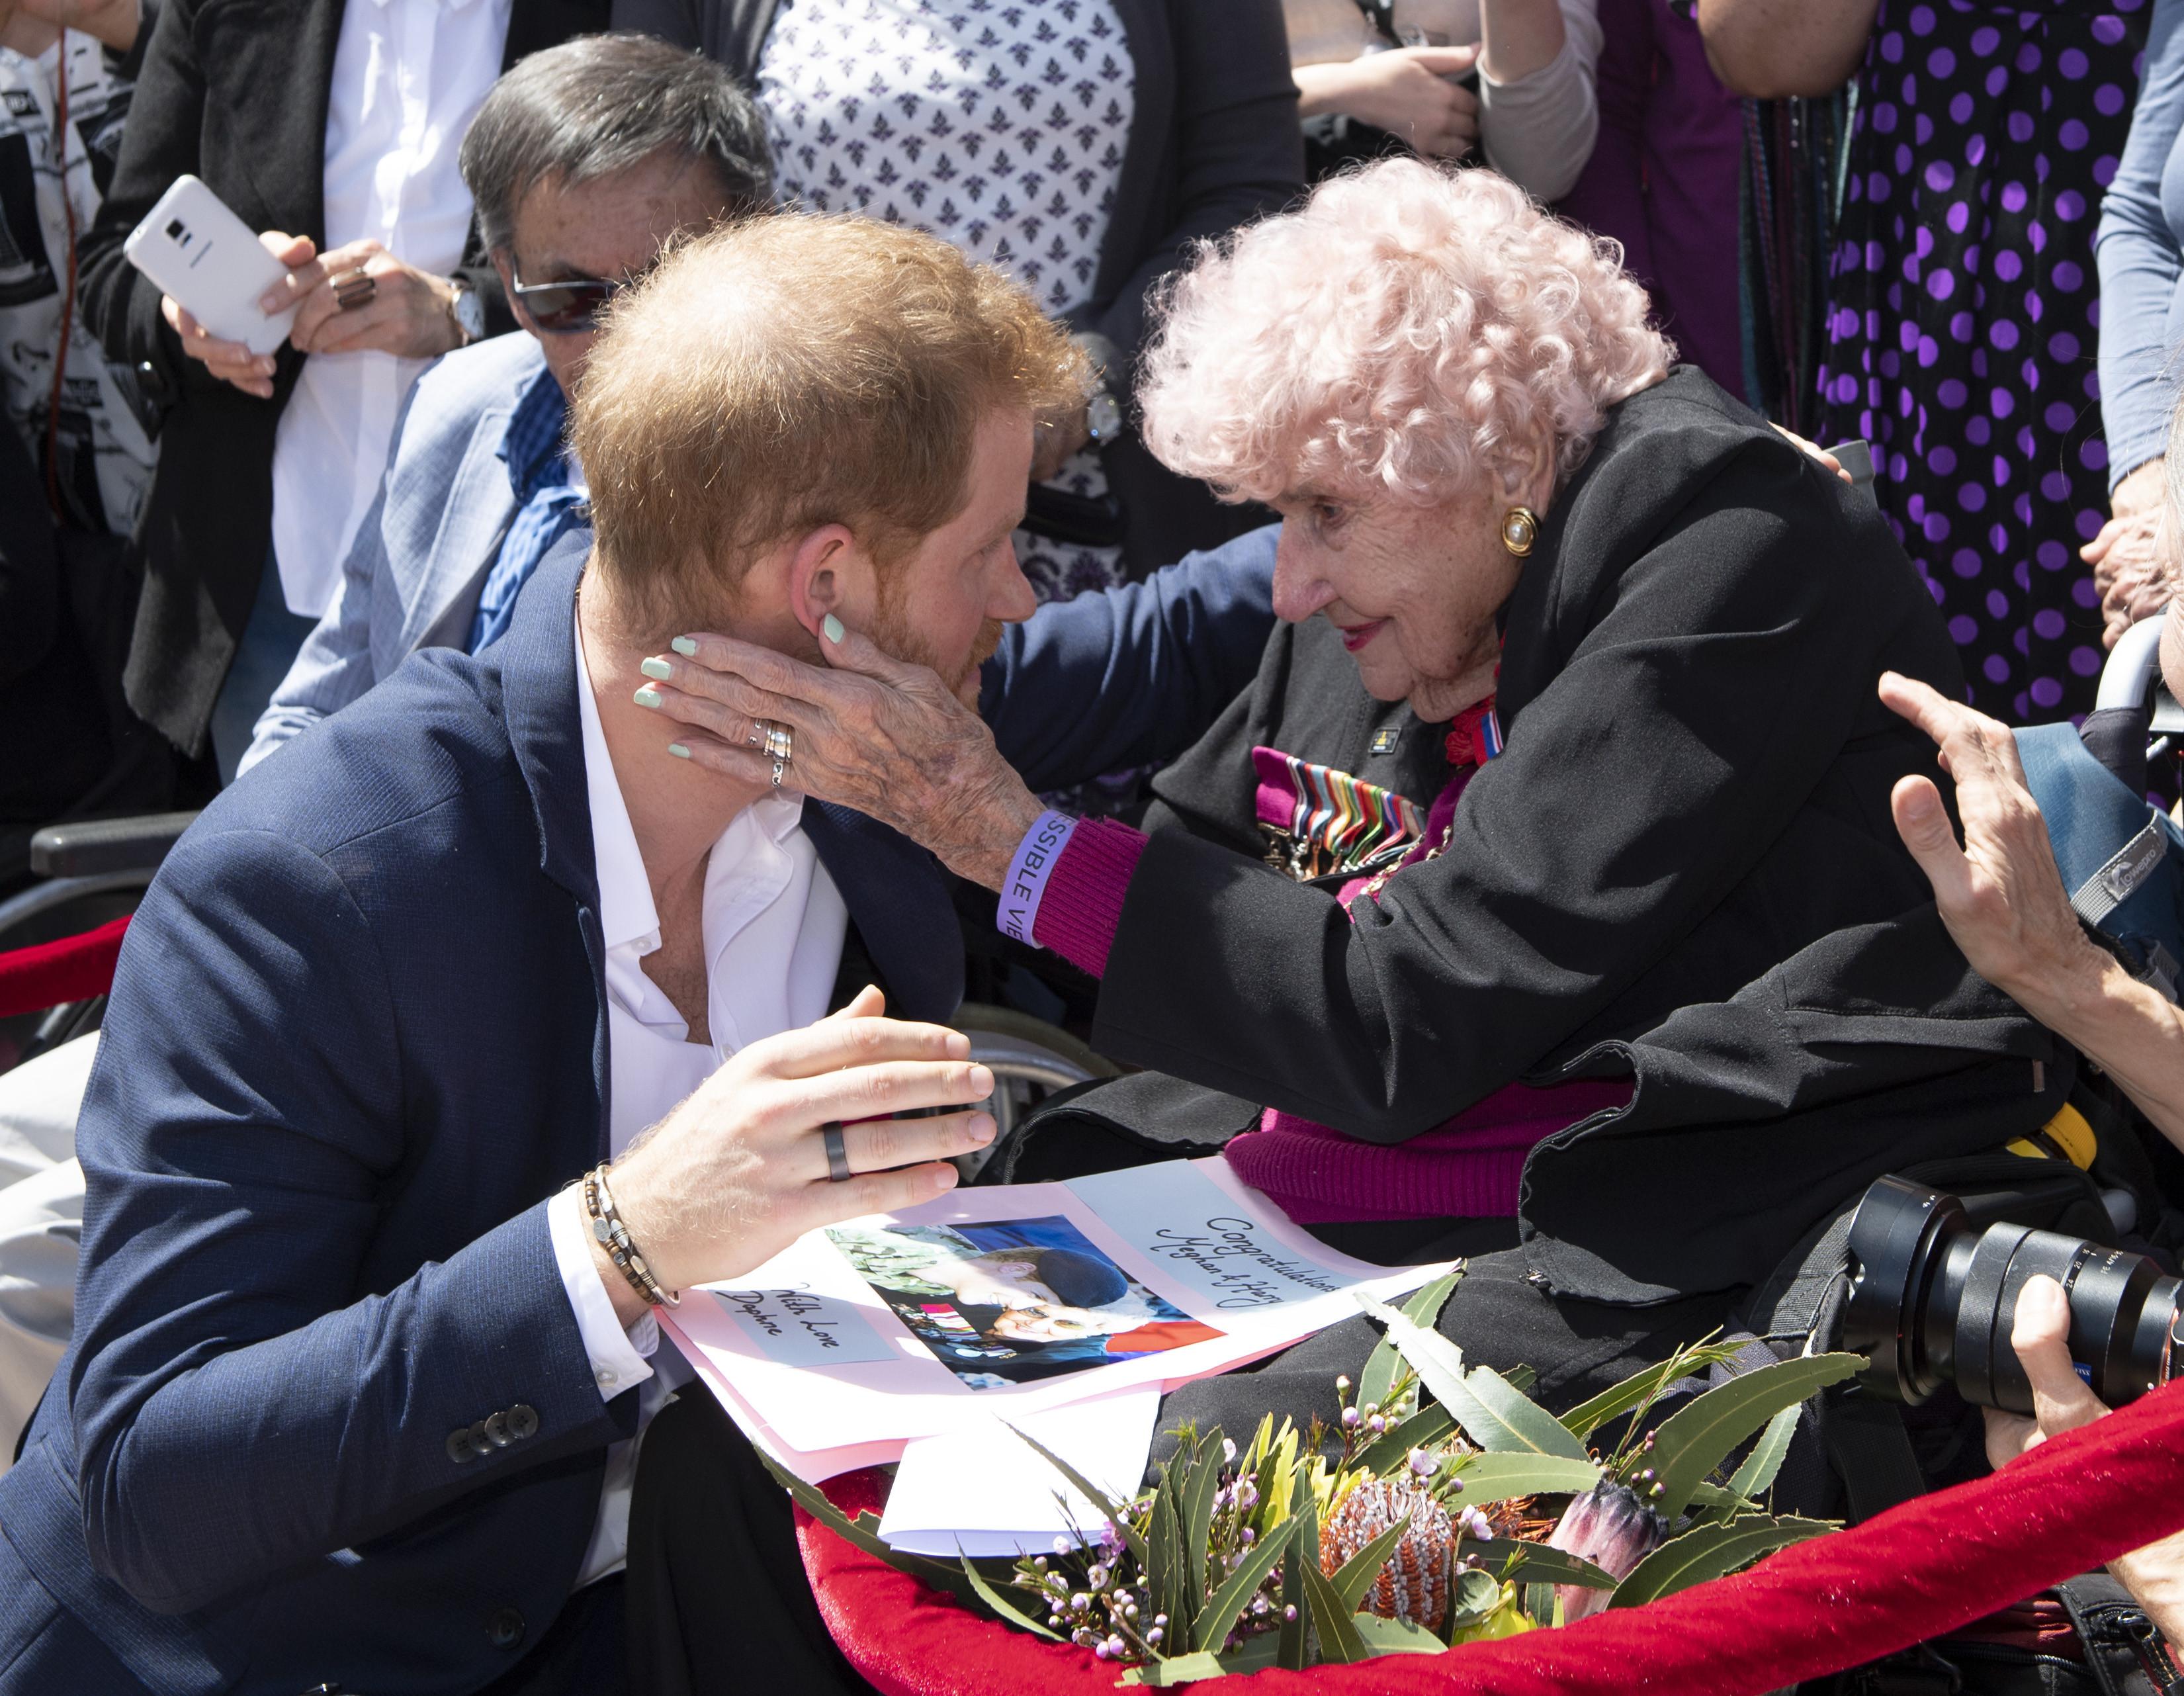 Morreu a 'fã número 1' do príncipe Harry. Daphne Dunne tinha 99 anos